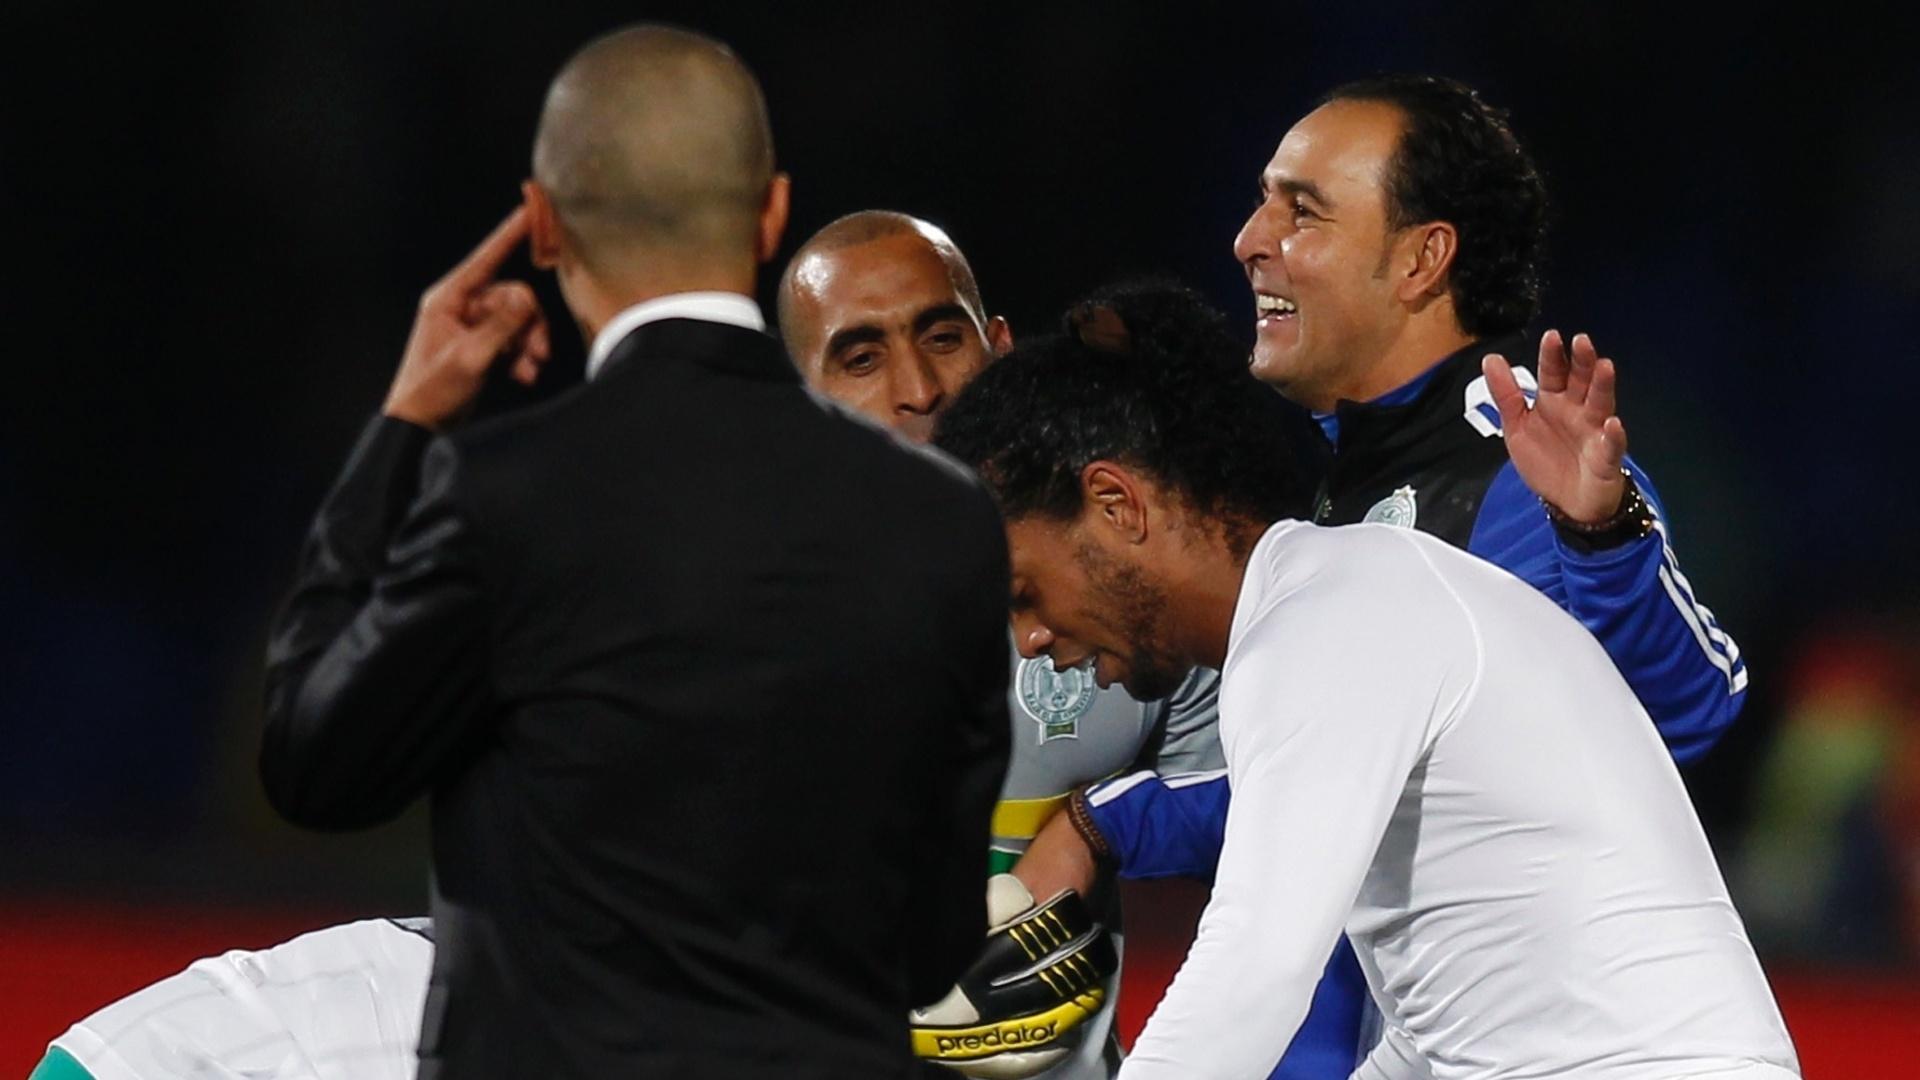 18.12.2013 - Ronaldinho é agarrado por jogadores do Raja após partida